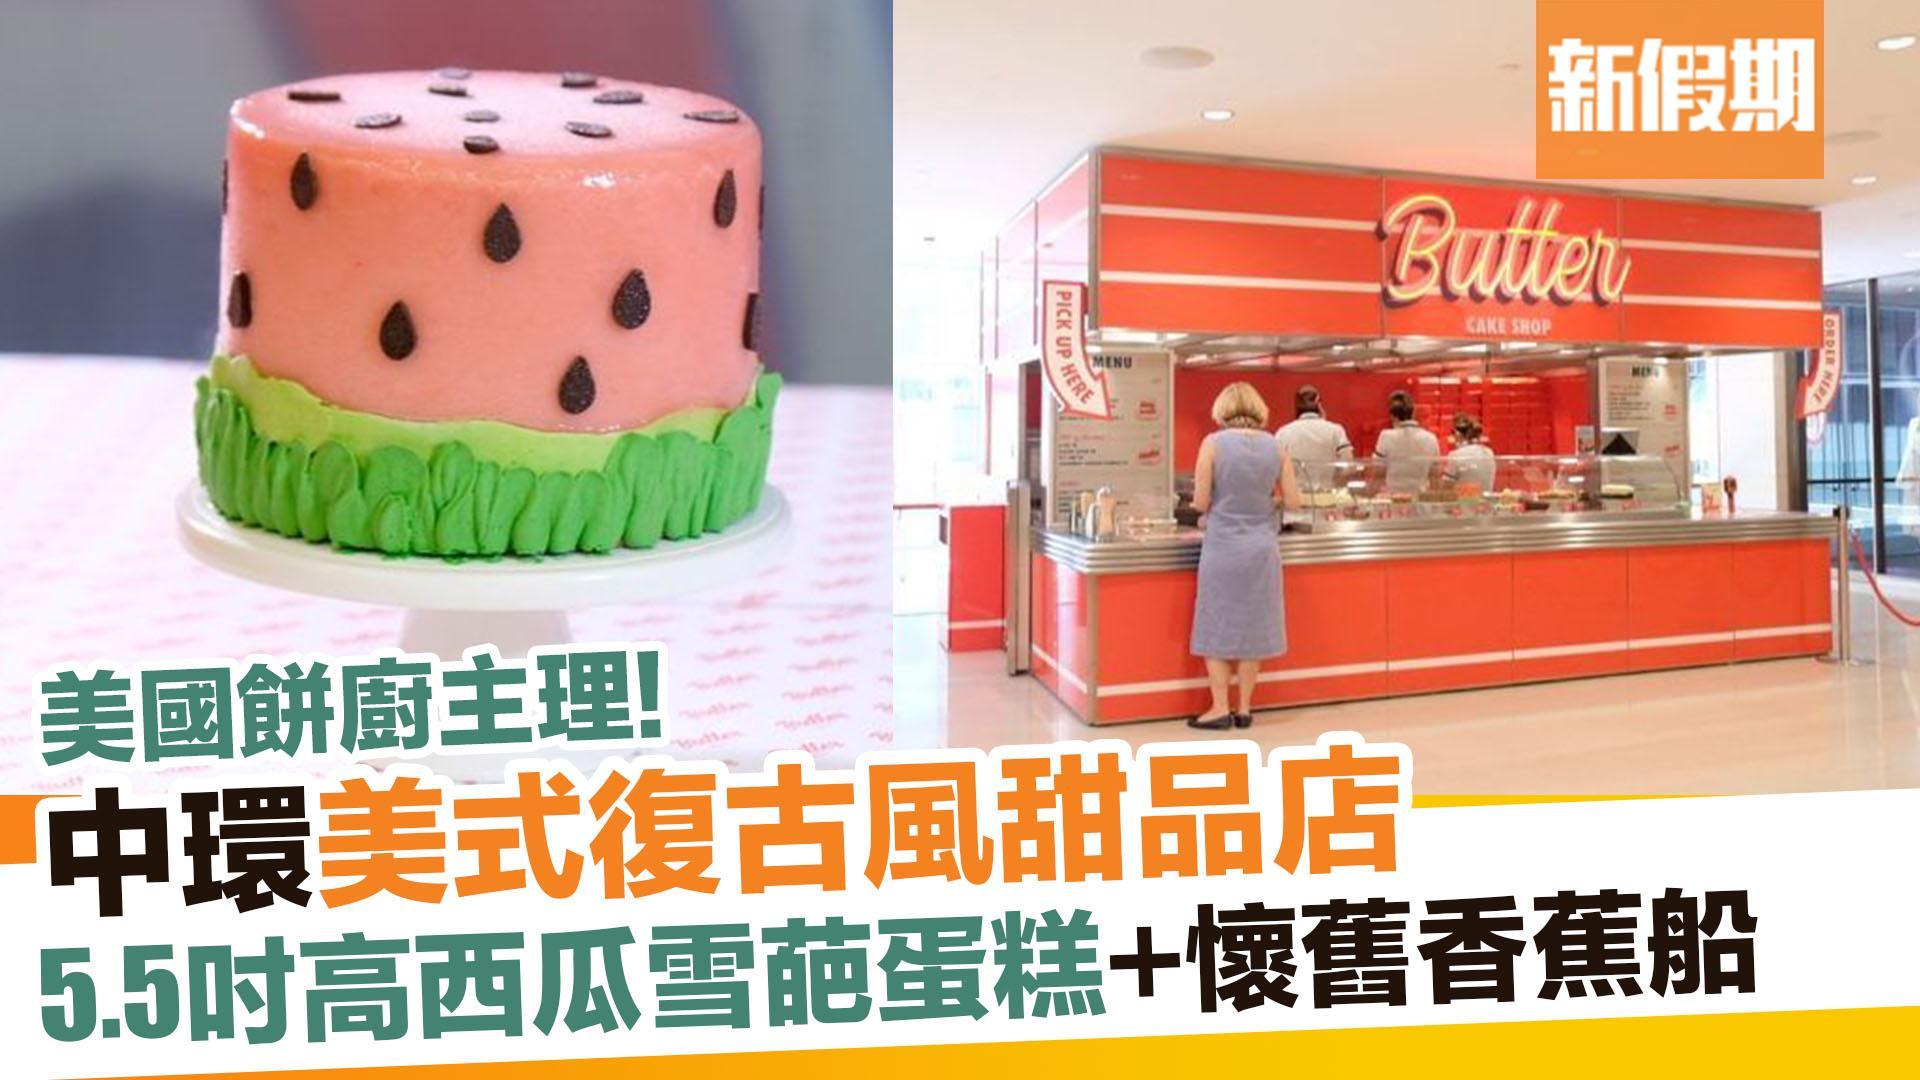 【外賣食乜好】美國甜品師製作西瓜雪葩蛋糕! 新假期